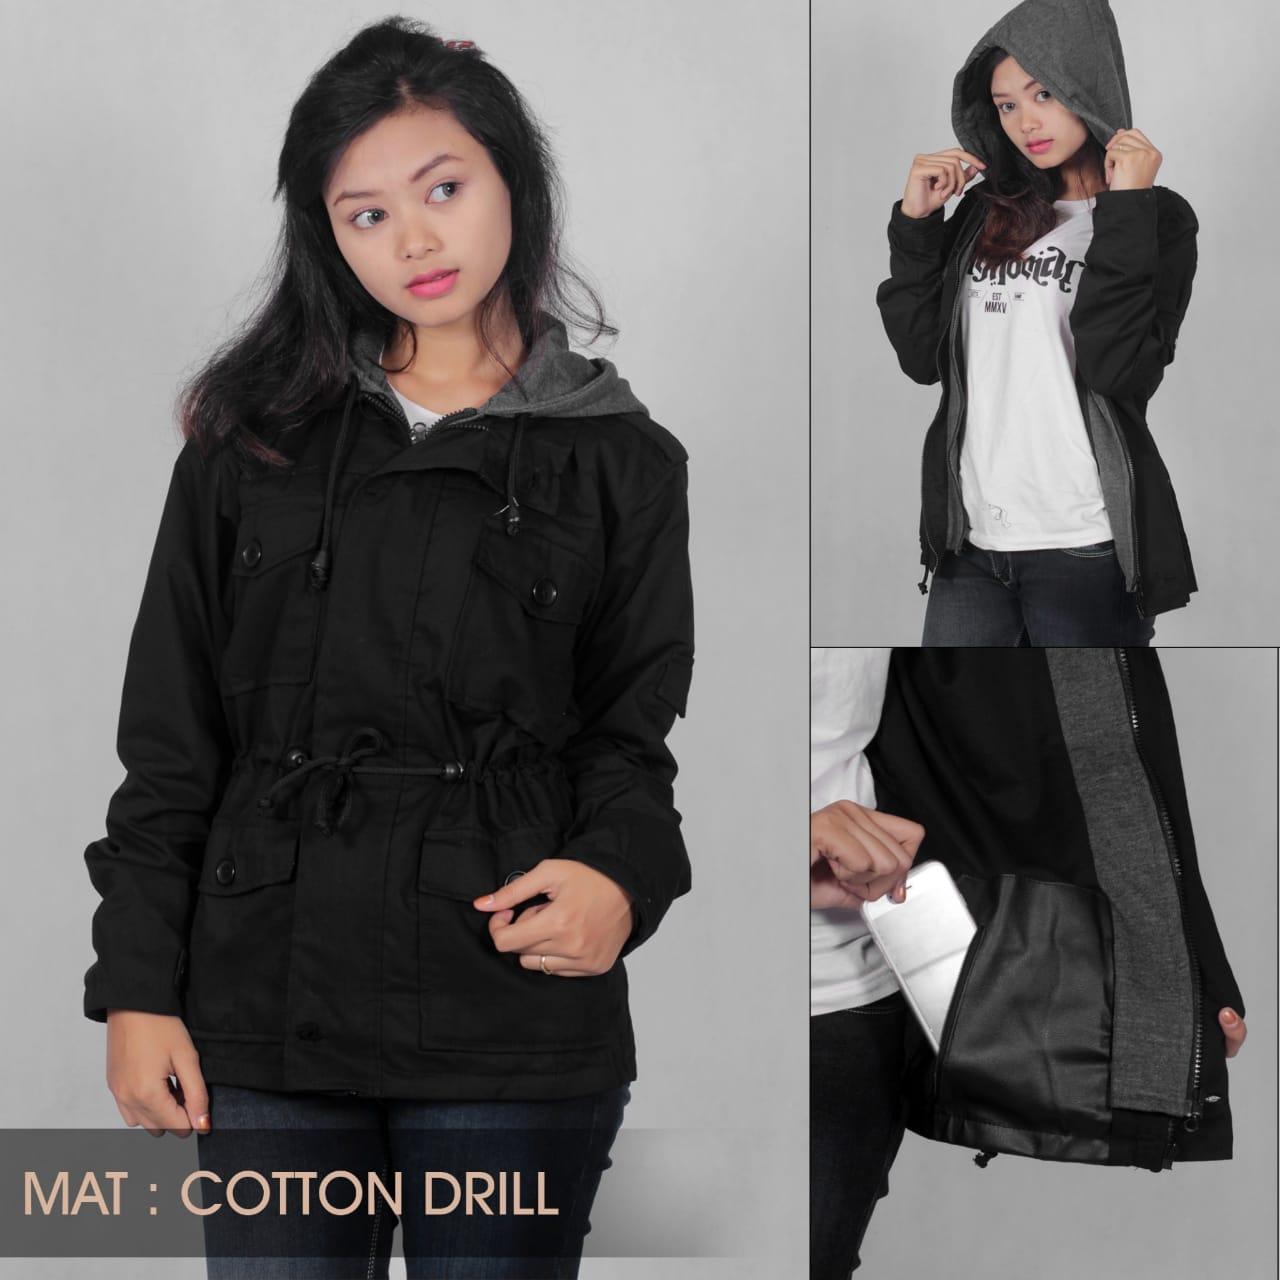 Harga Korea Fashion Style Siswa Perempuan Musim Semi Dan Gugur Jaket Kulit Korean Sk 80 Ga Parka Cewe Black Original Kodzo Cotton Drill